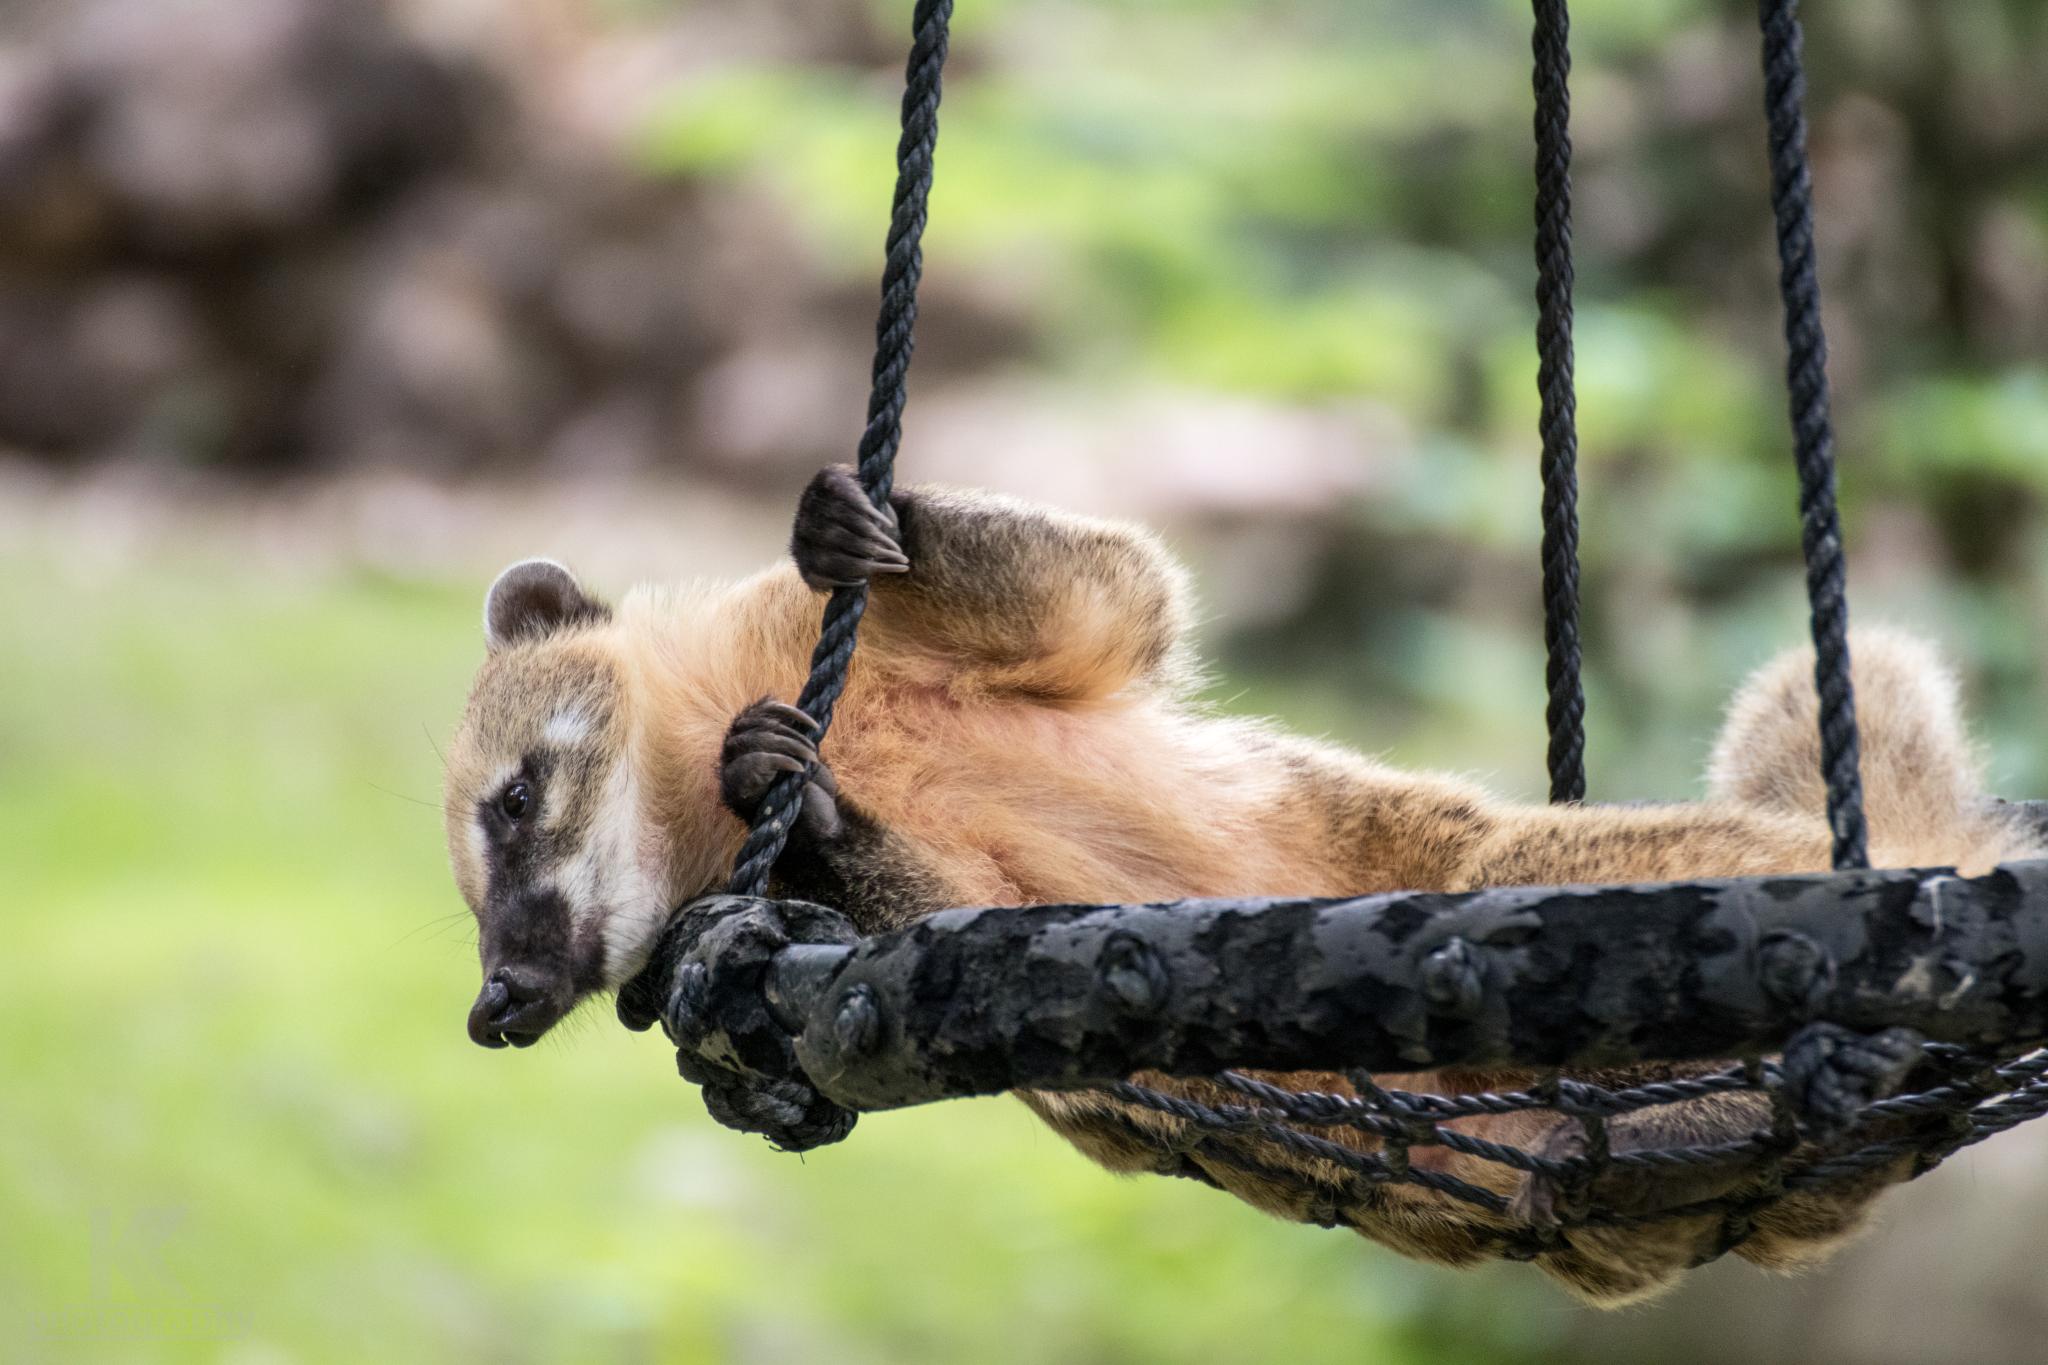 Nasenbär im Tierpark Hirschfeld